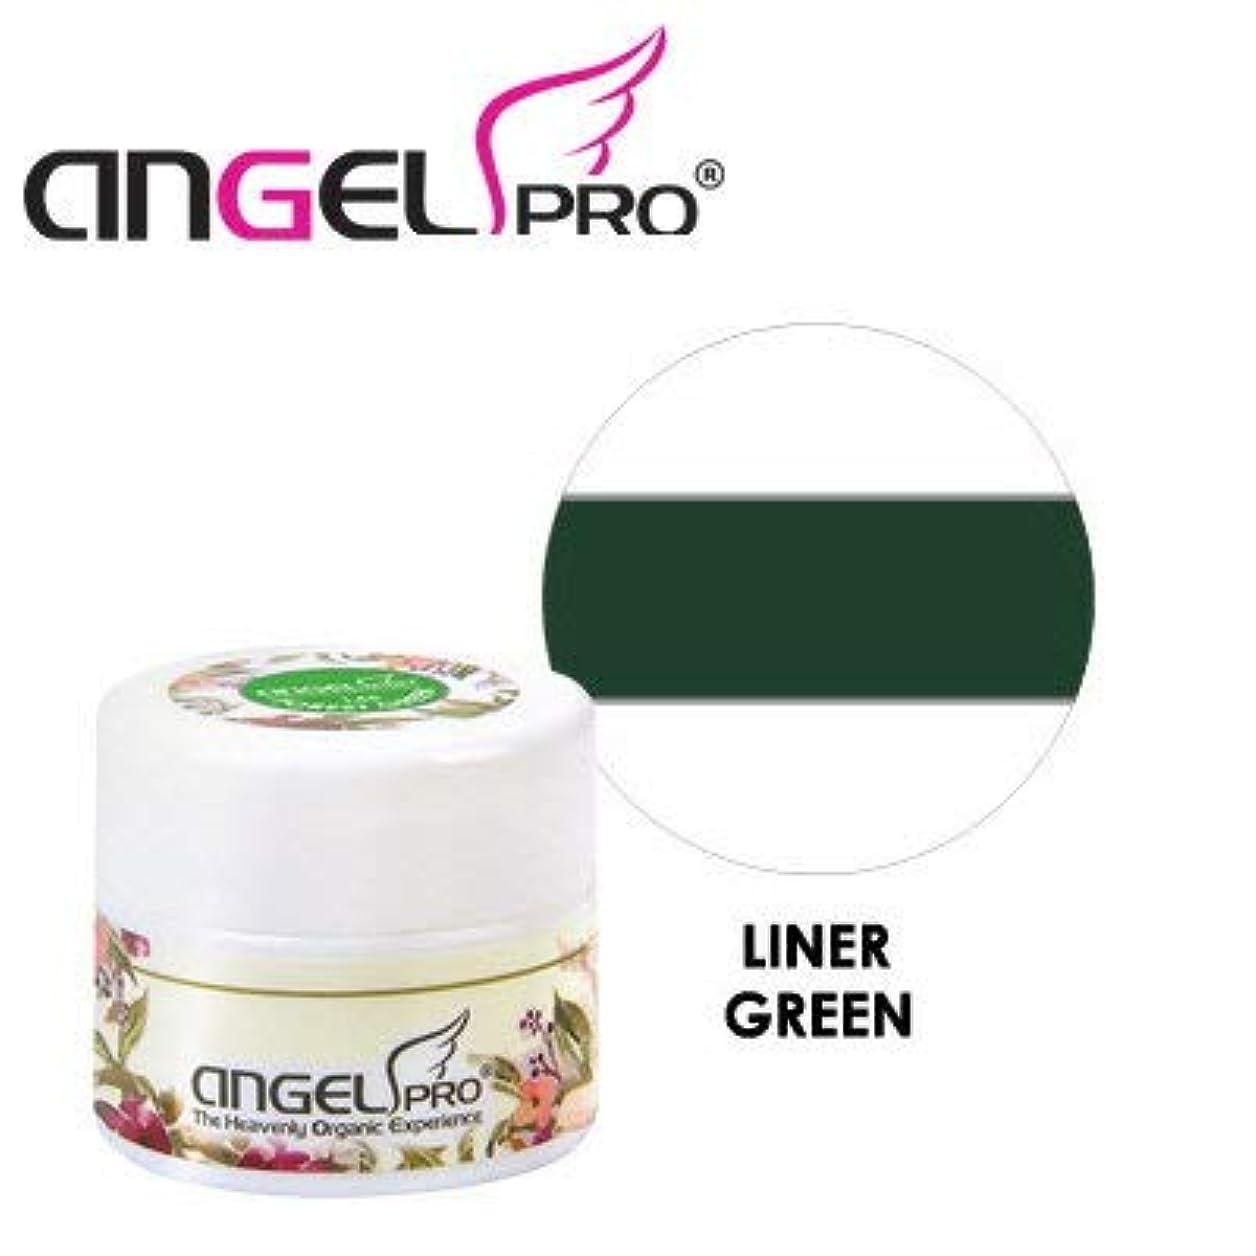 環境適度な献身ANGEL PRO ポットジェリー LINER GREEN 4g